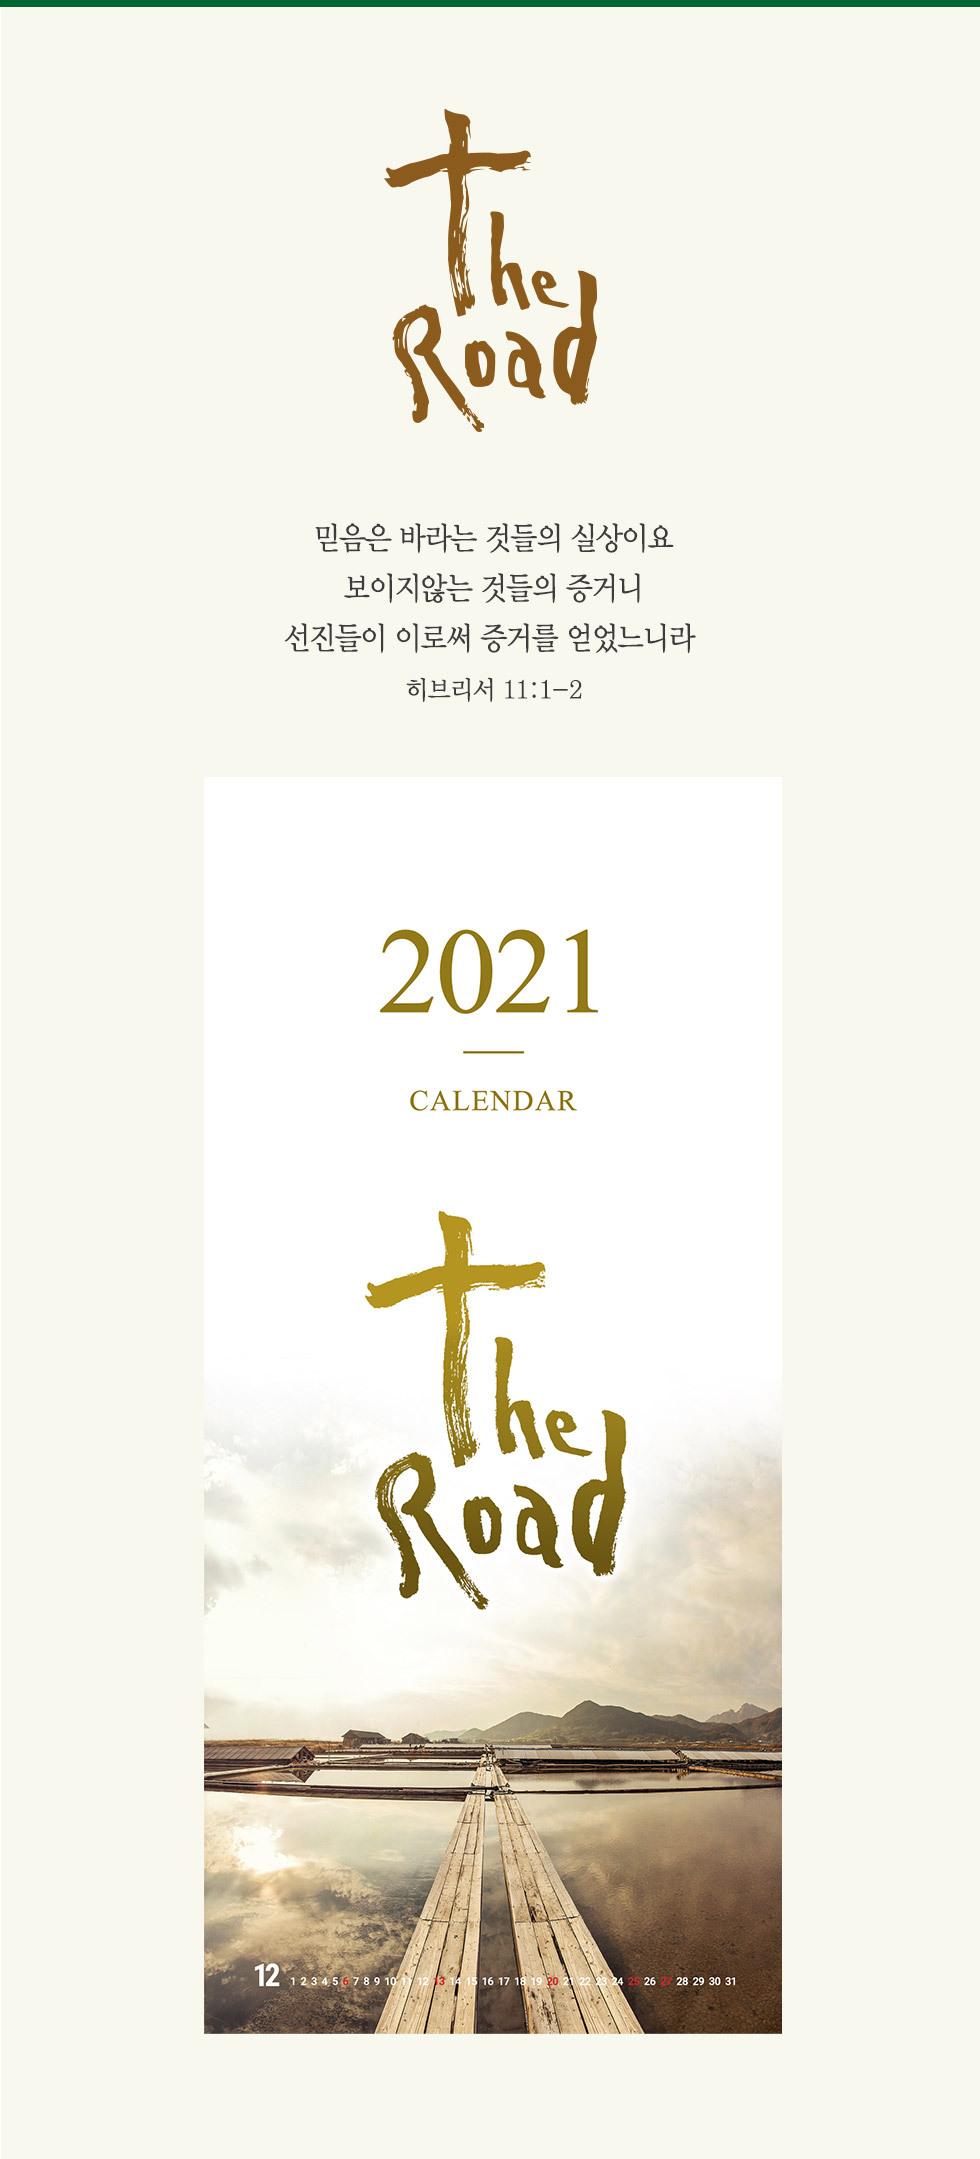 2021년 벽걸이달력 길 The Road -  길 The Road, 믿음은 바라는 것들의 실상이요 보이지 않는 것들의 증거니 선진들이 이로써 증거를 얻었느니라. 히브리서 11:1-2